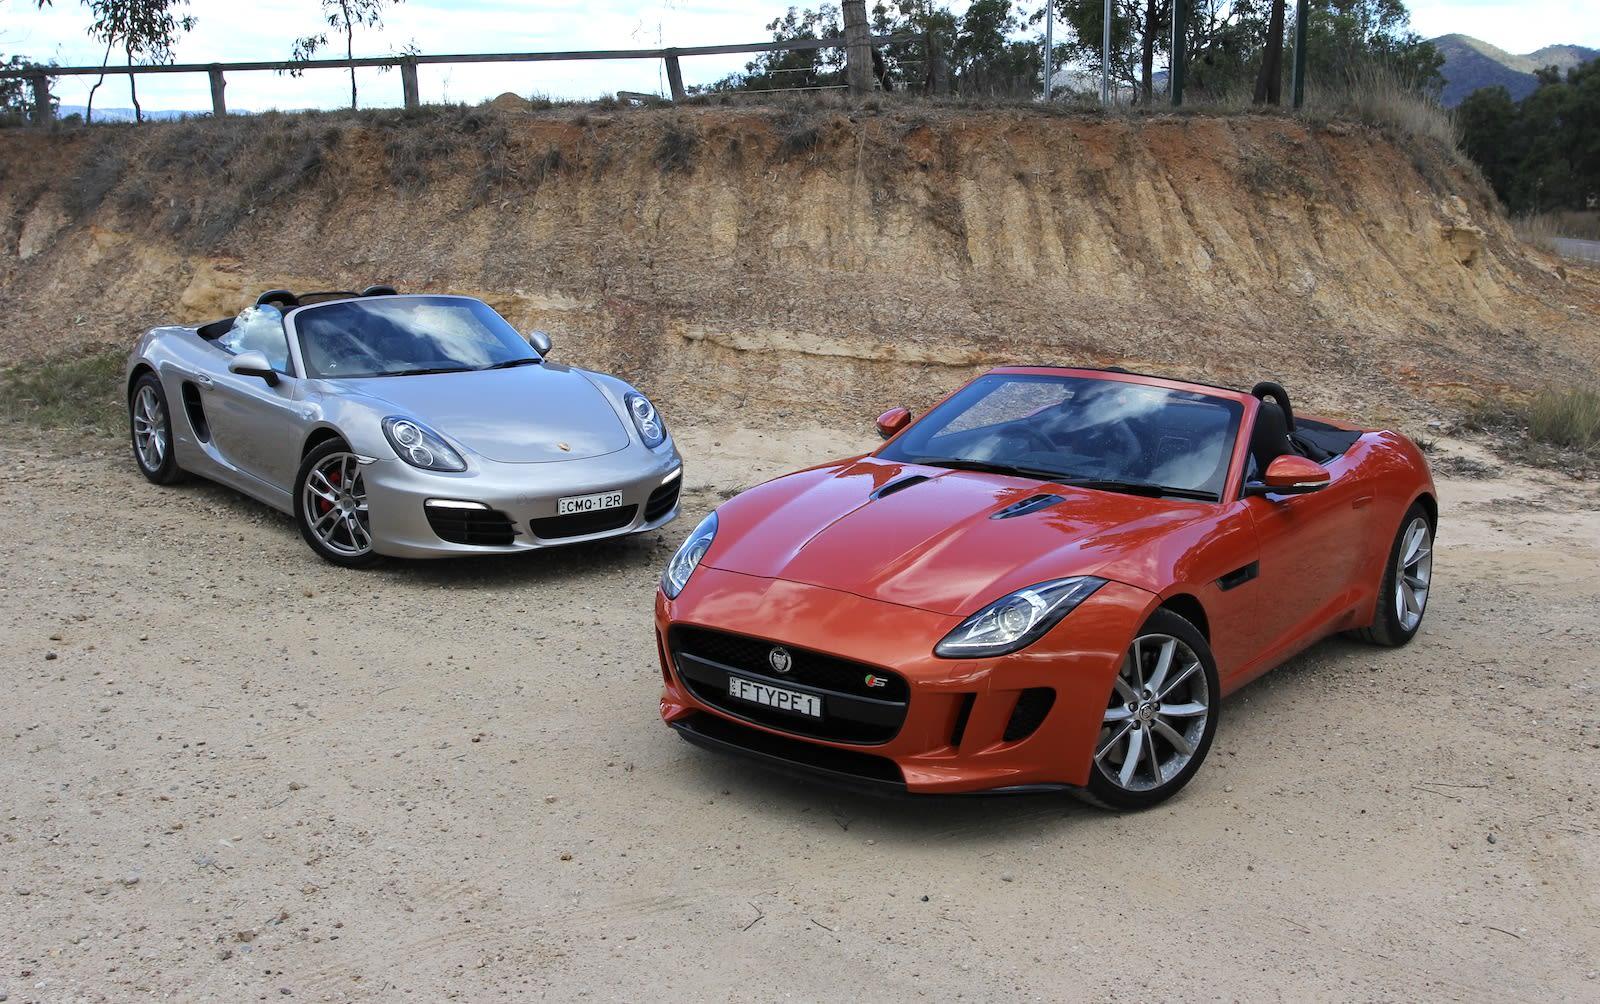 Jaguar-F-Type-Porsche-Boxster-Comparison-37